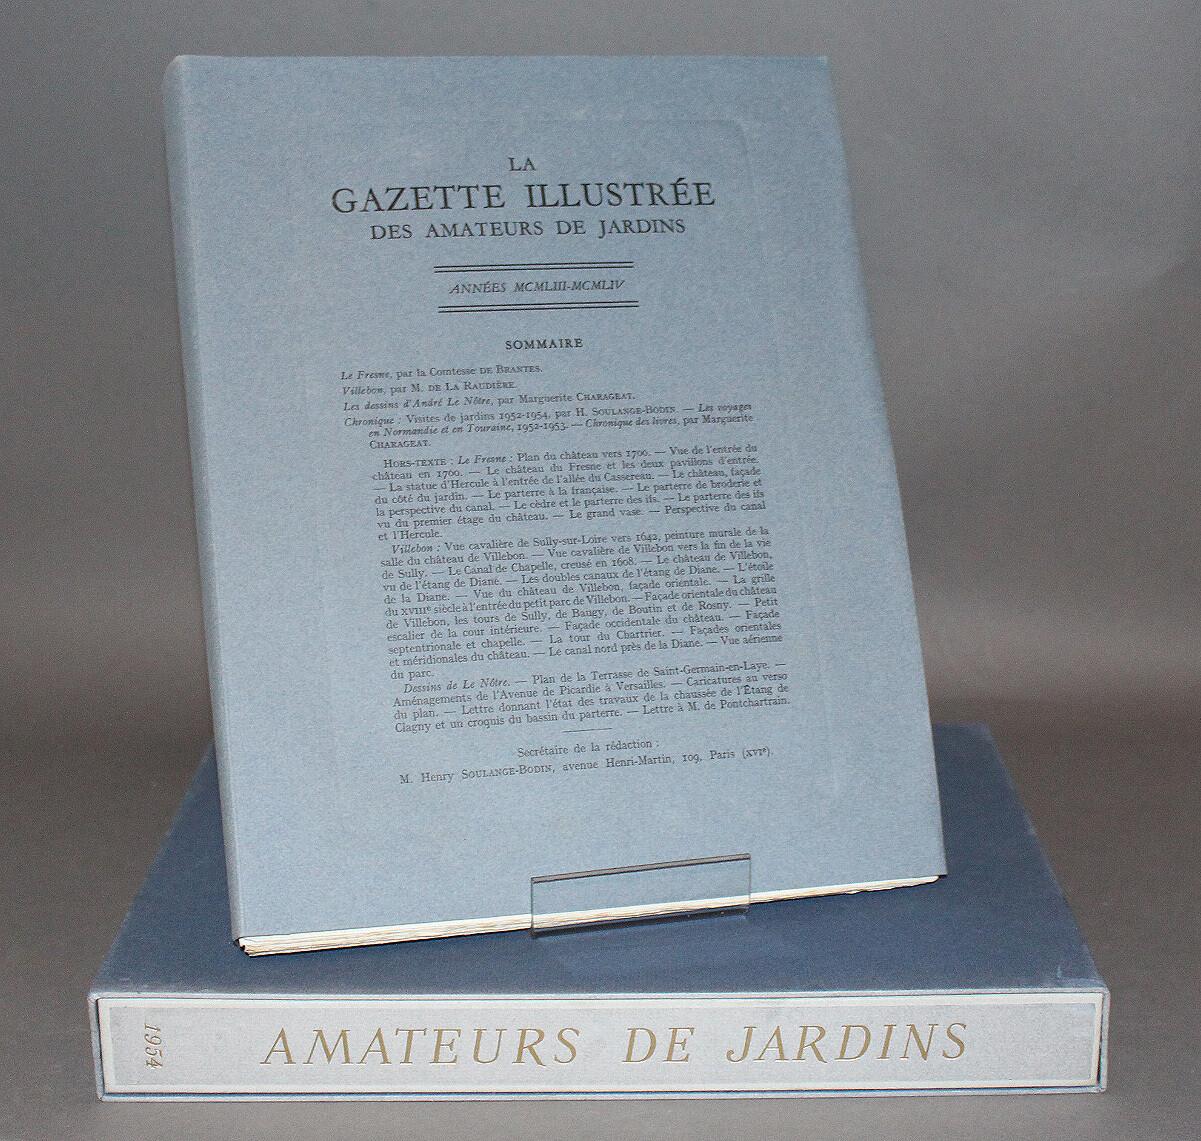 Gazette illustrée des Amateurs de Jardins. 1953-1954.